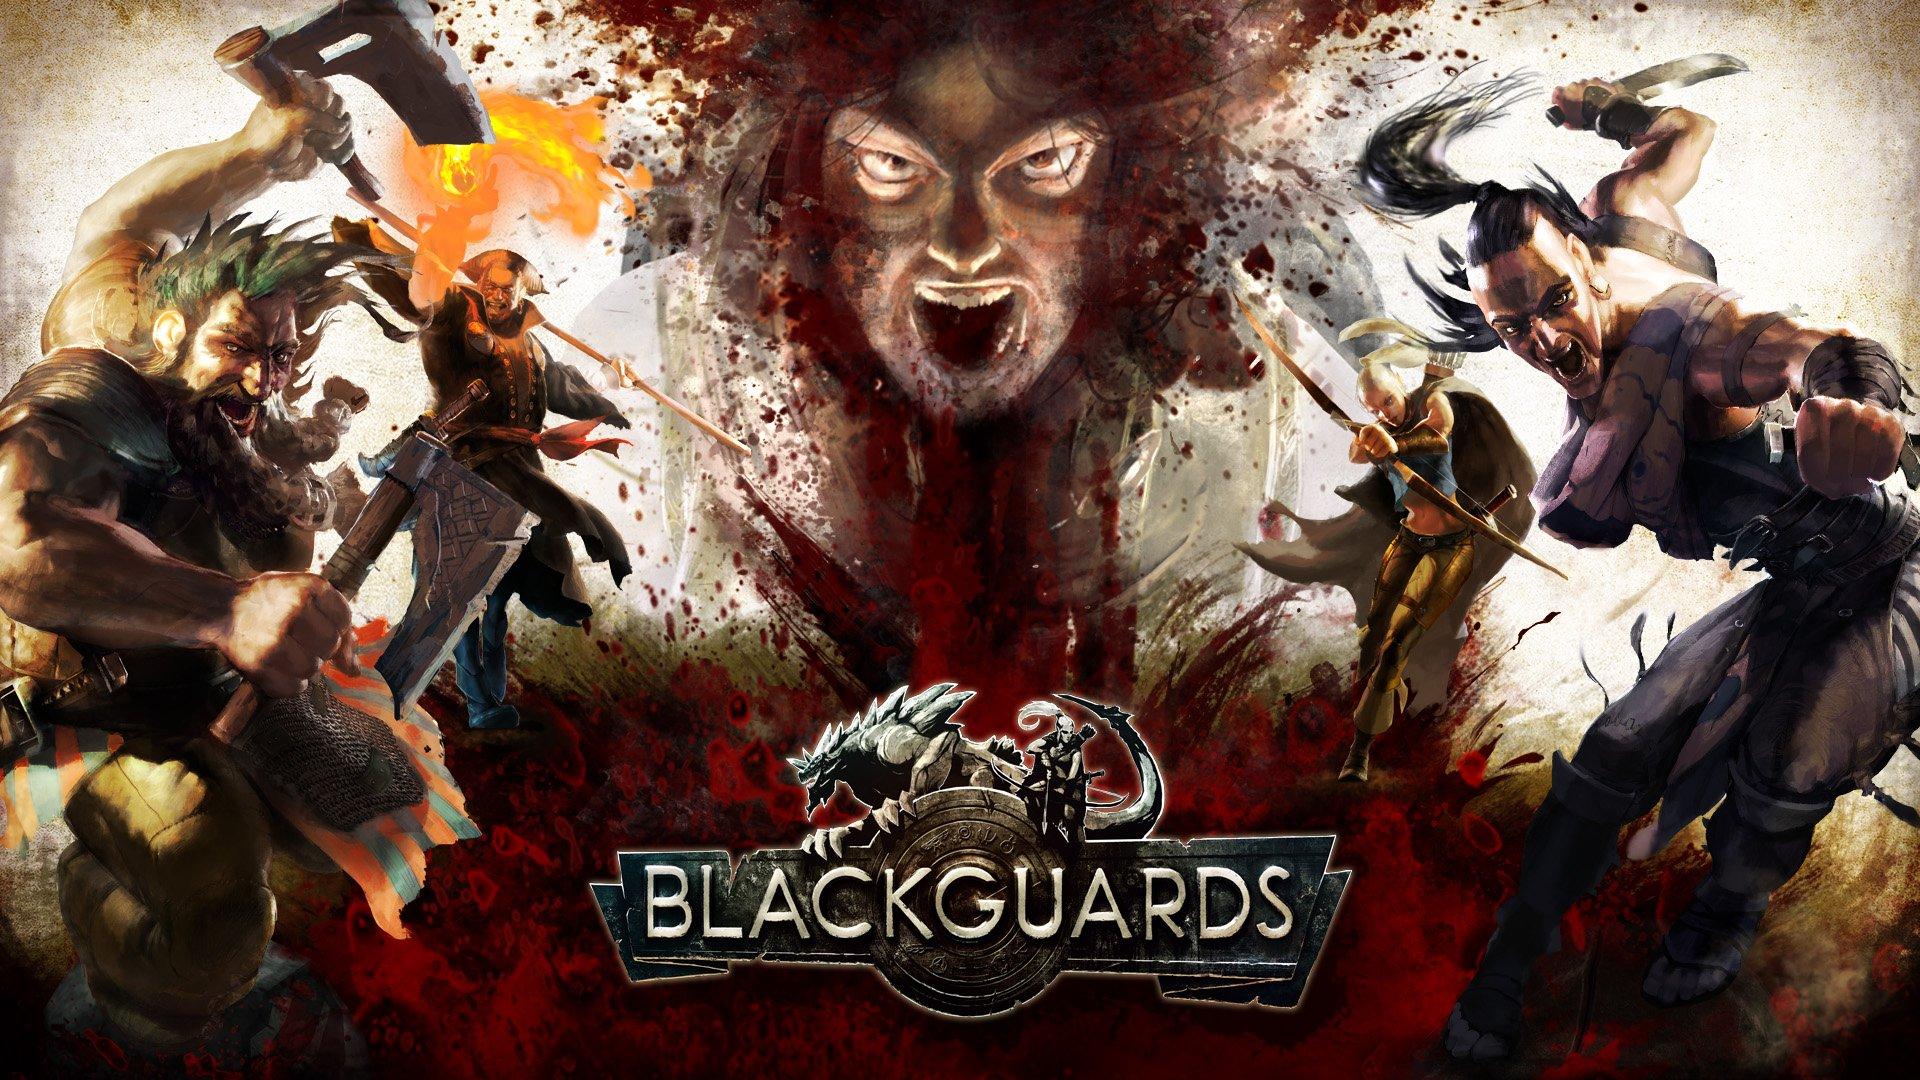 Предзаказ Blackguards - Untold Legends DLC со скидкой 10%! . - Изображение 1